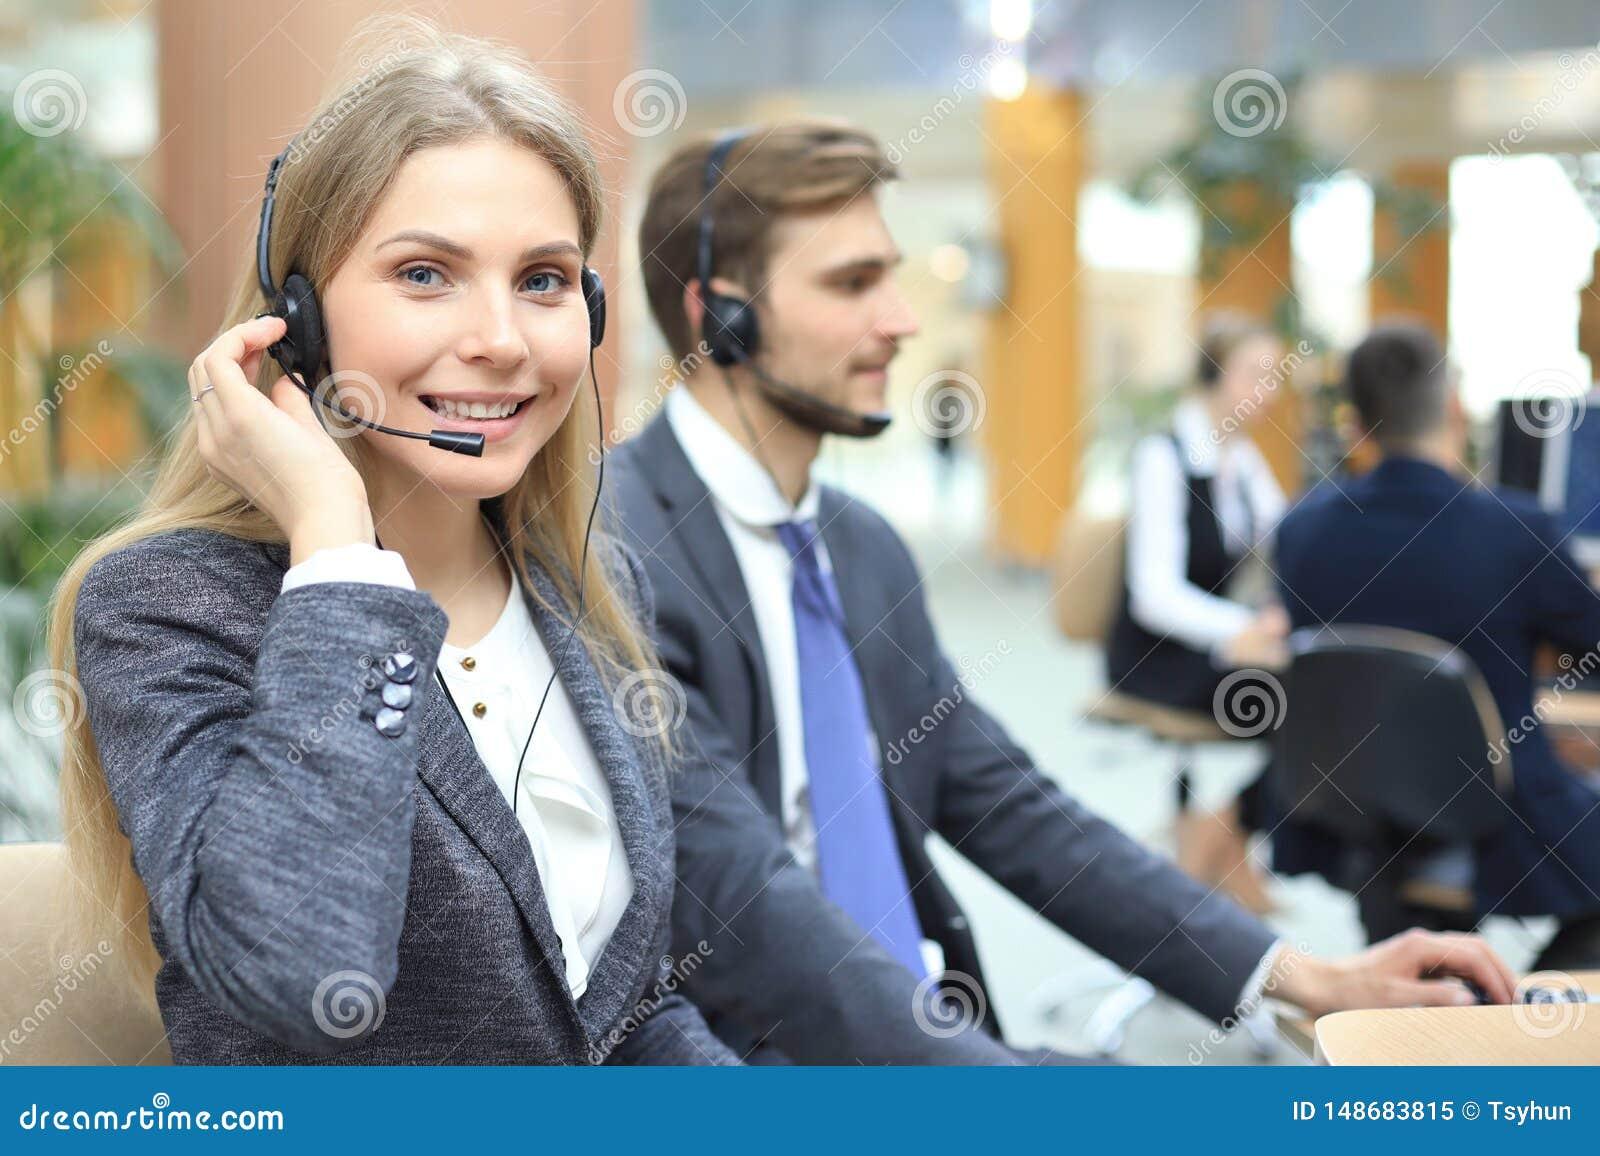 有耳机和微笑的女性用户支持操作员